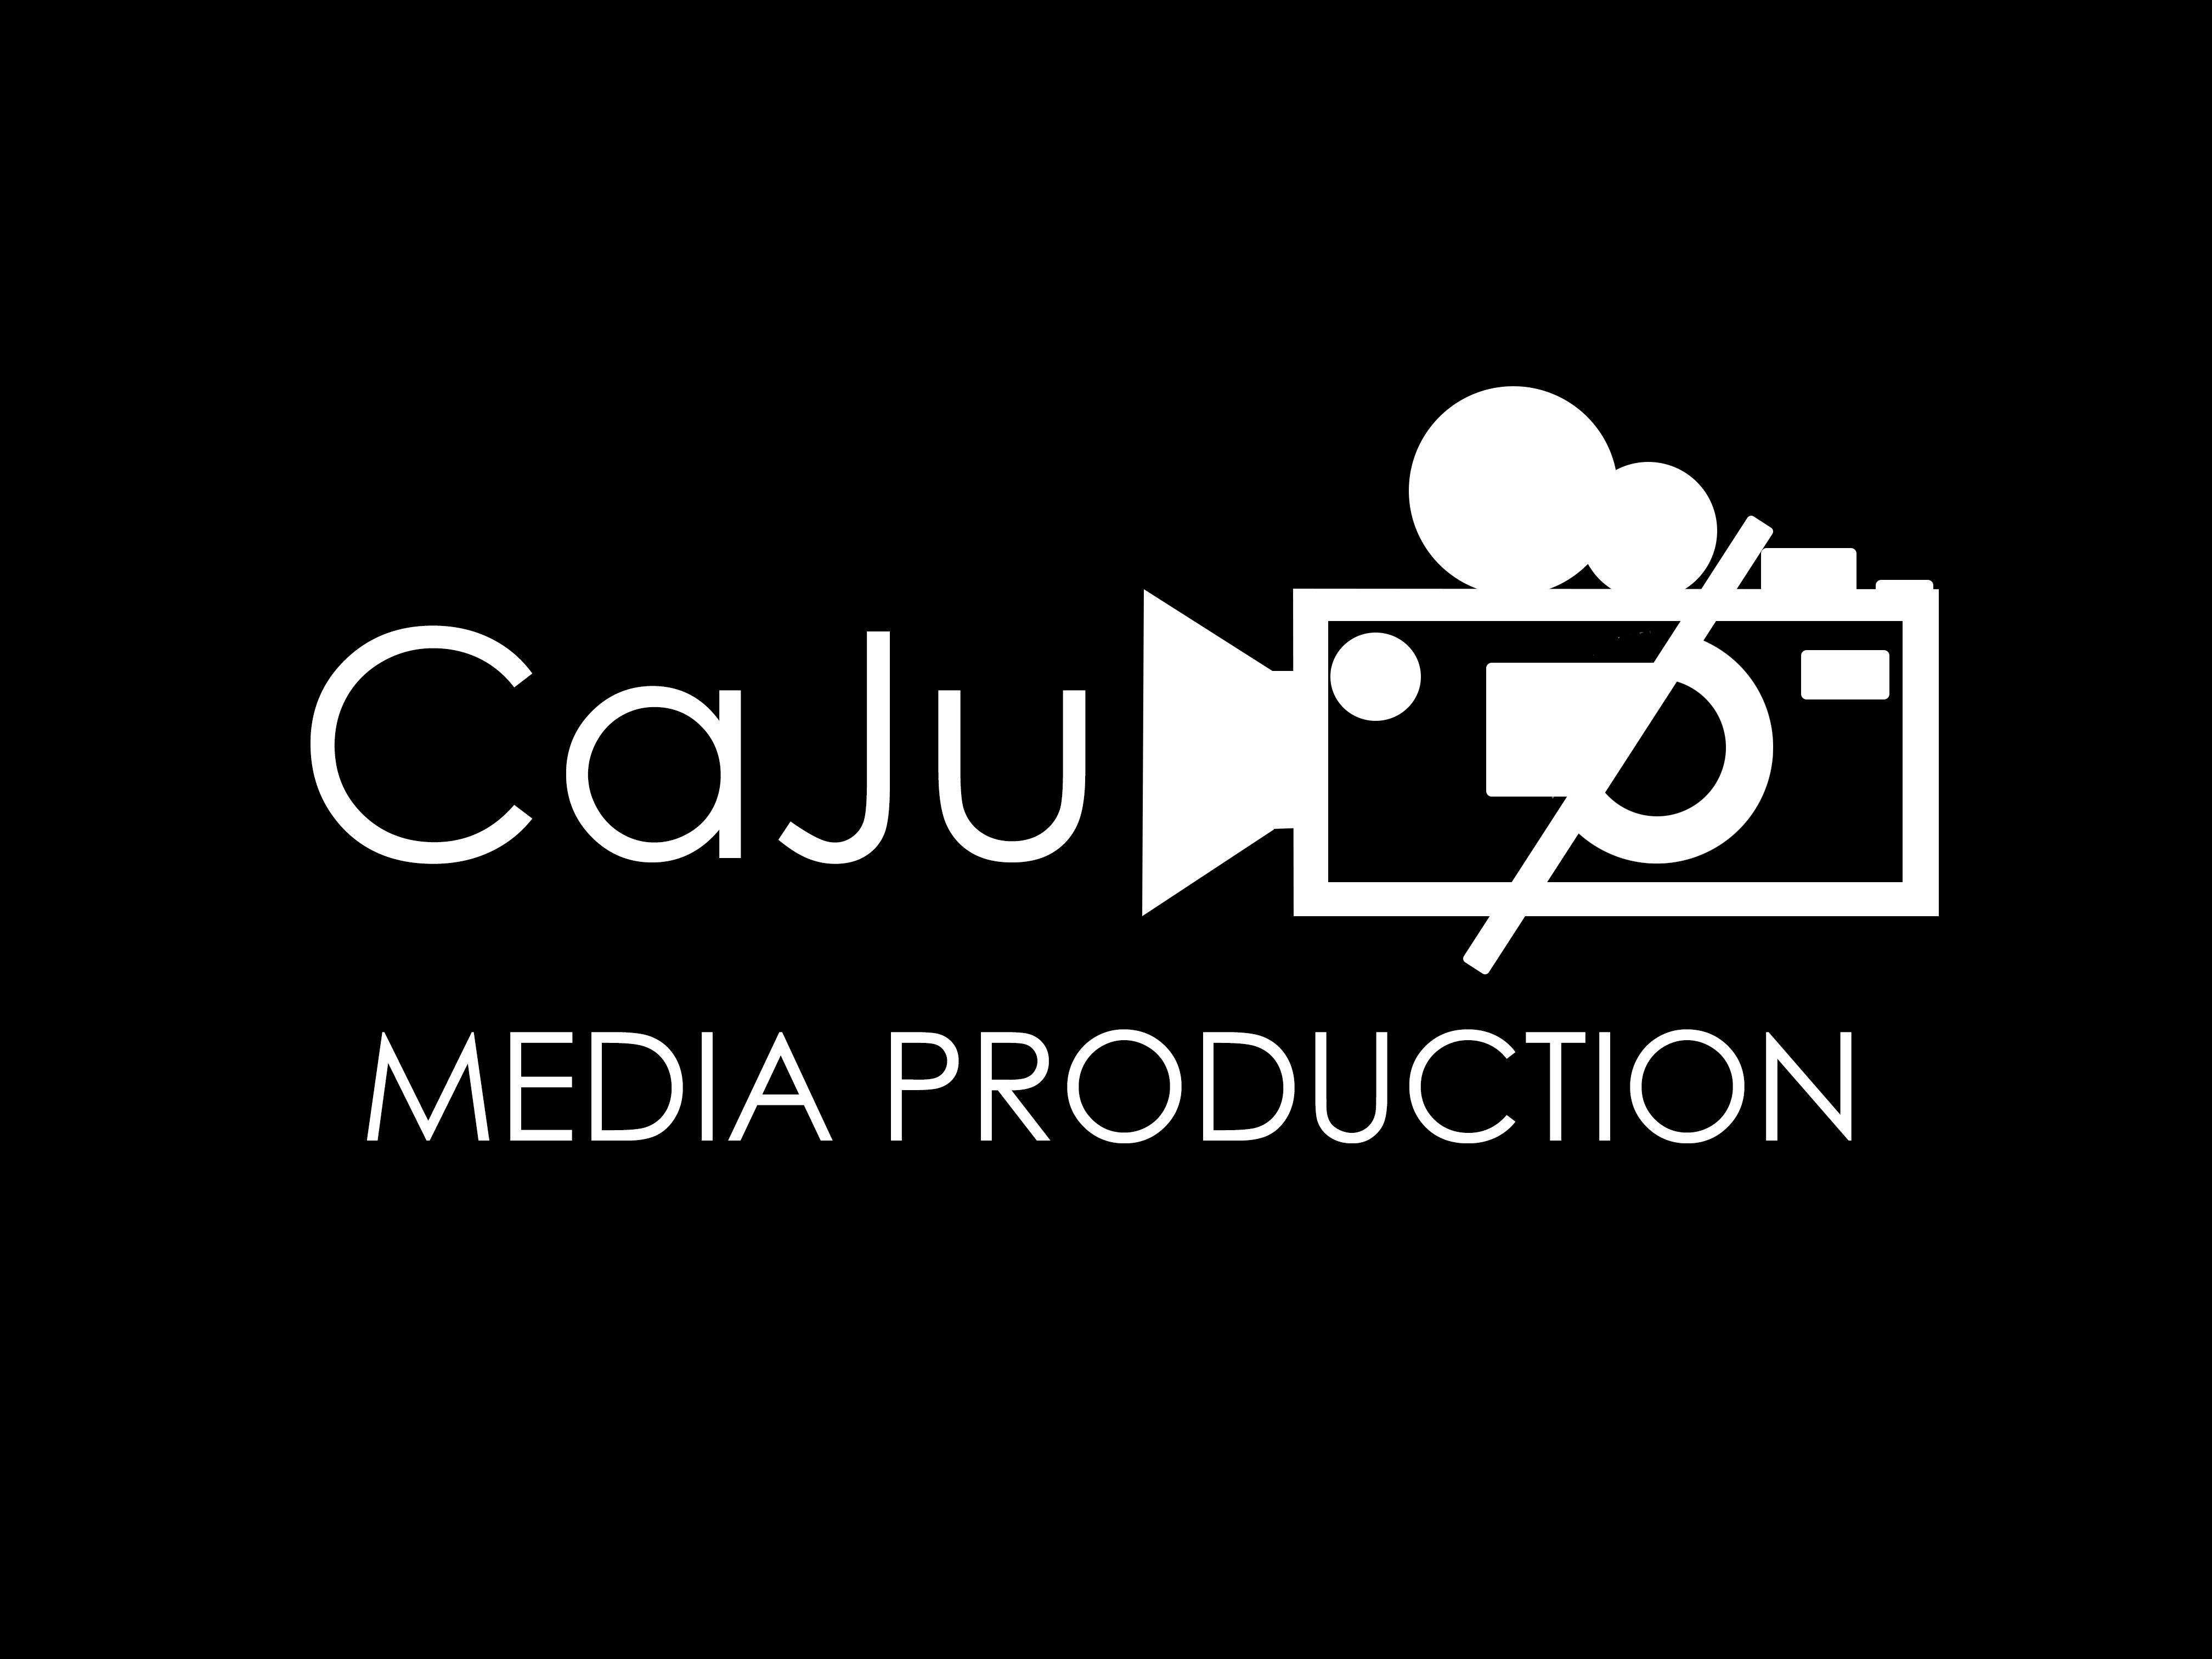 CajuMedia